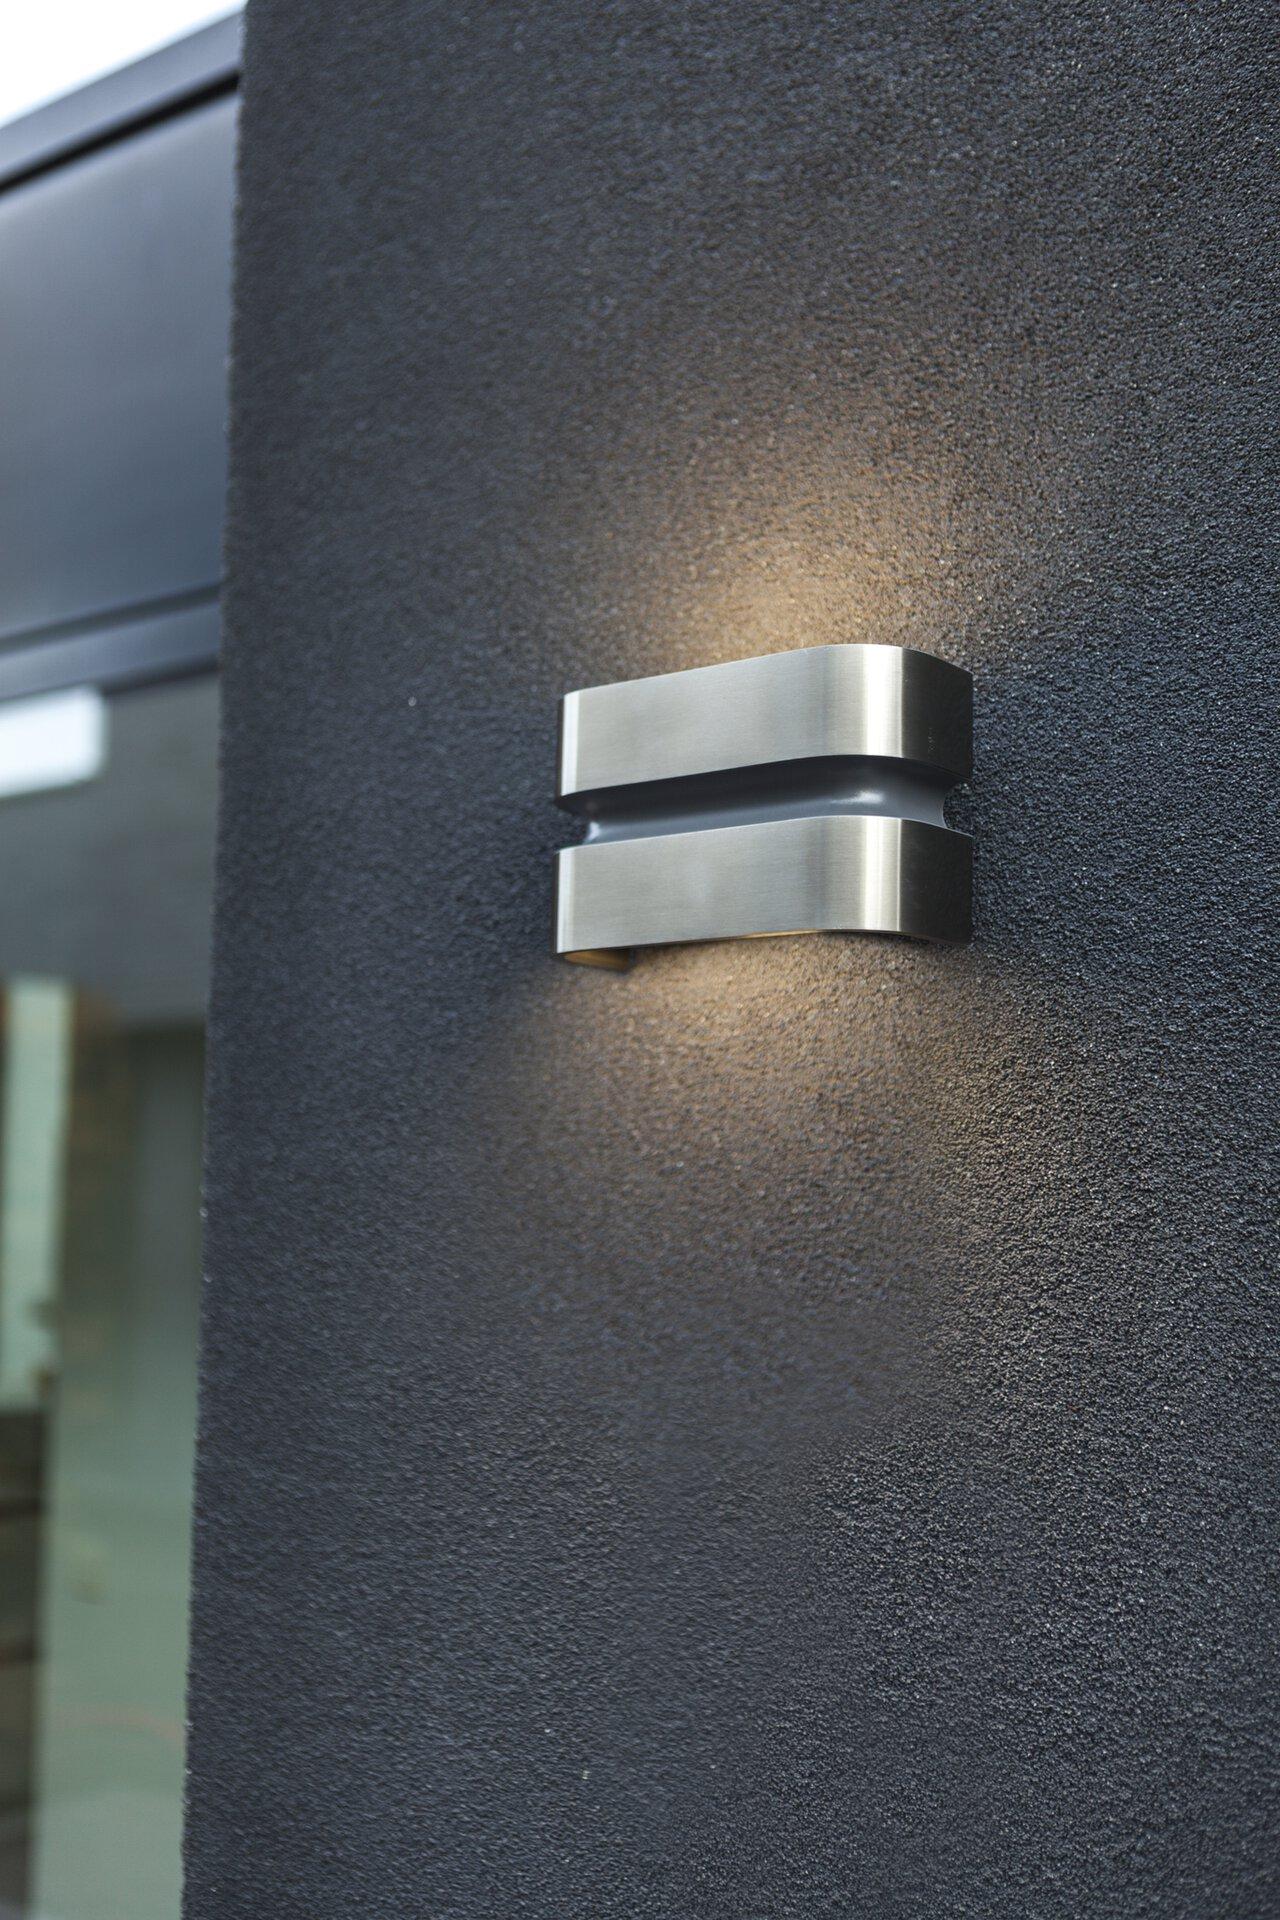 Wand-Aussenleuchte Maya Eco-Light Metall 11 x 7 x 18 cm